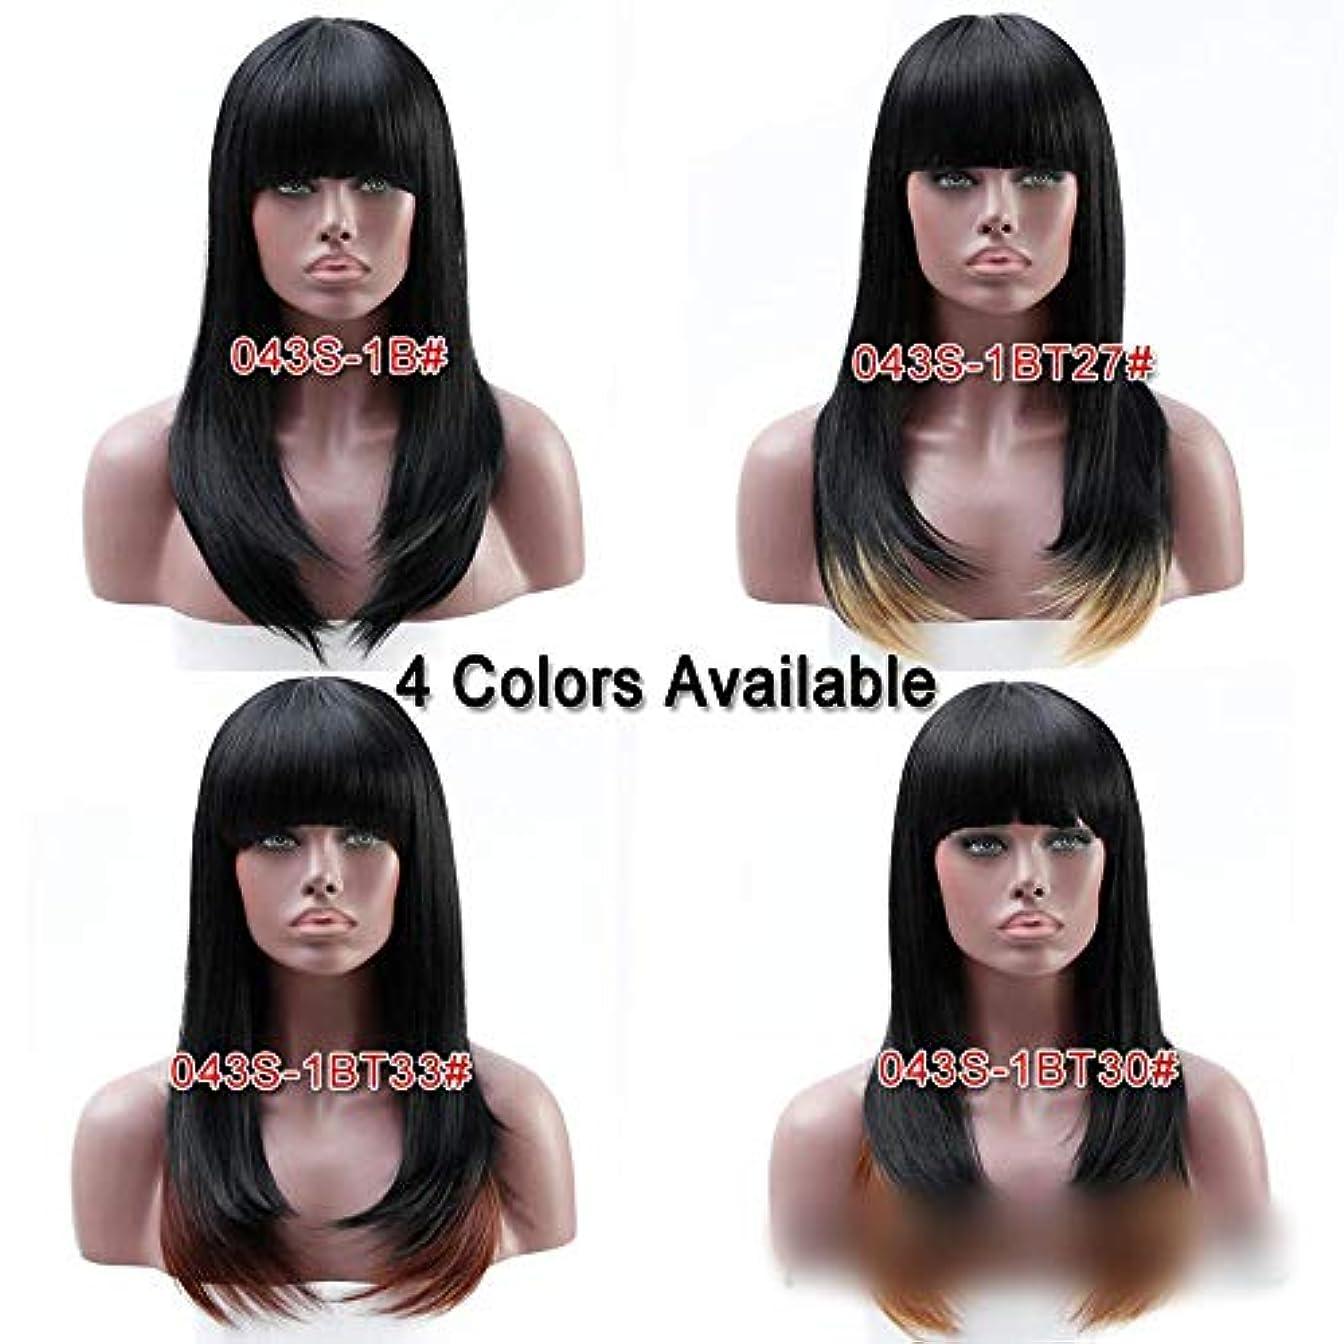 憲法アフリカ人賭けWASAIO 女性の自然な合成かつらアクセサリーヘアスタイル交換顔グラデーションロングストレート毎日着用 (色 : 1B, サイズ : 20 inches)